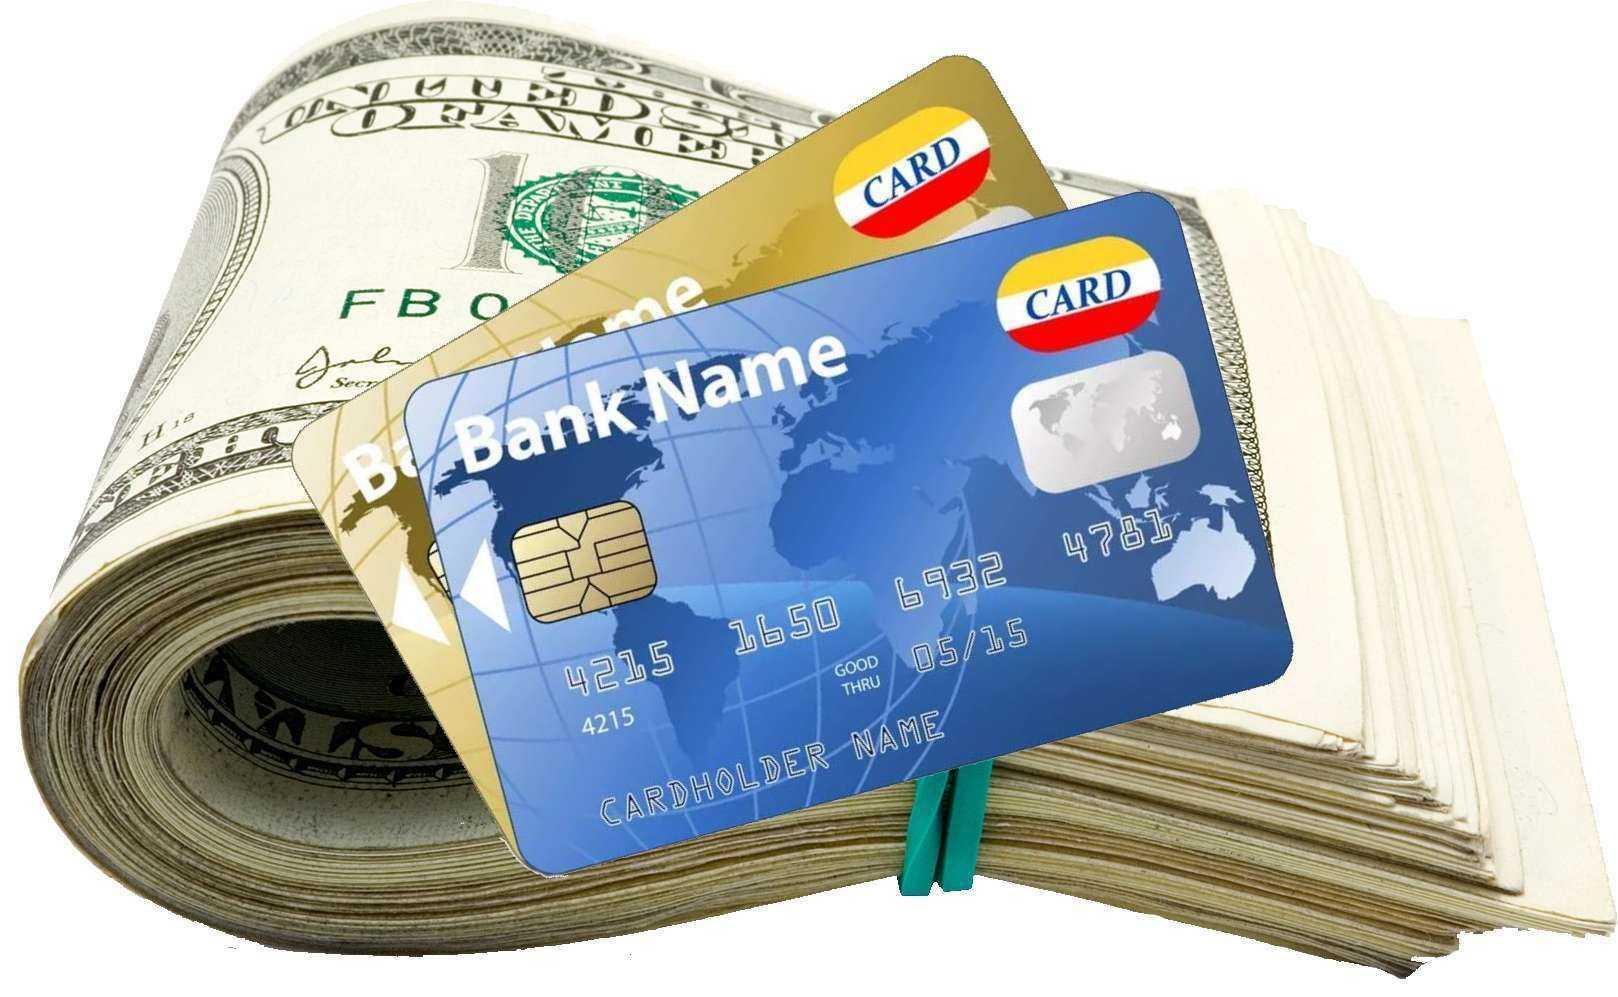 МФО же позволяют послать онлайн-заявку на мини-кредит и получить.